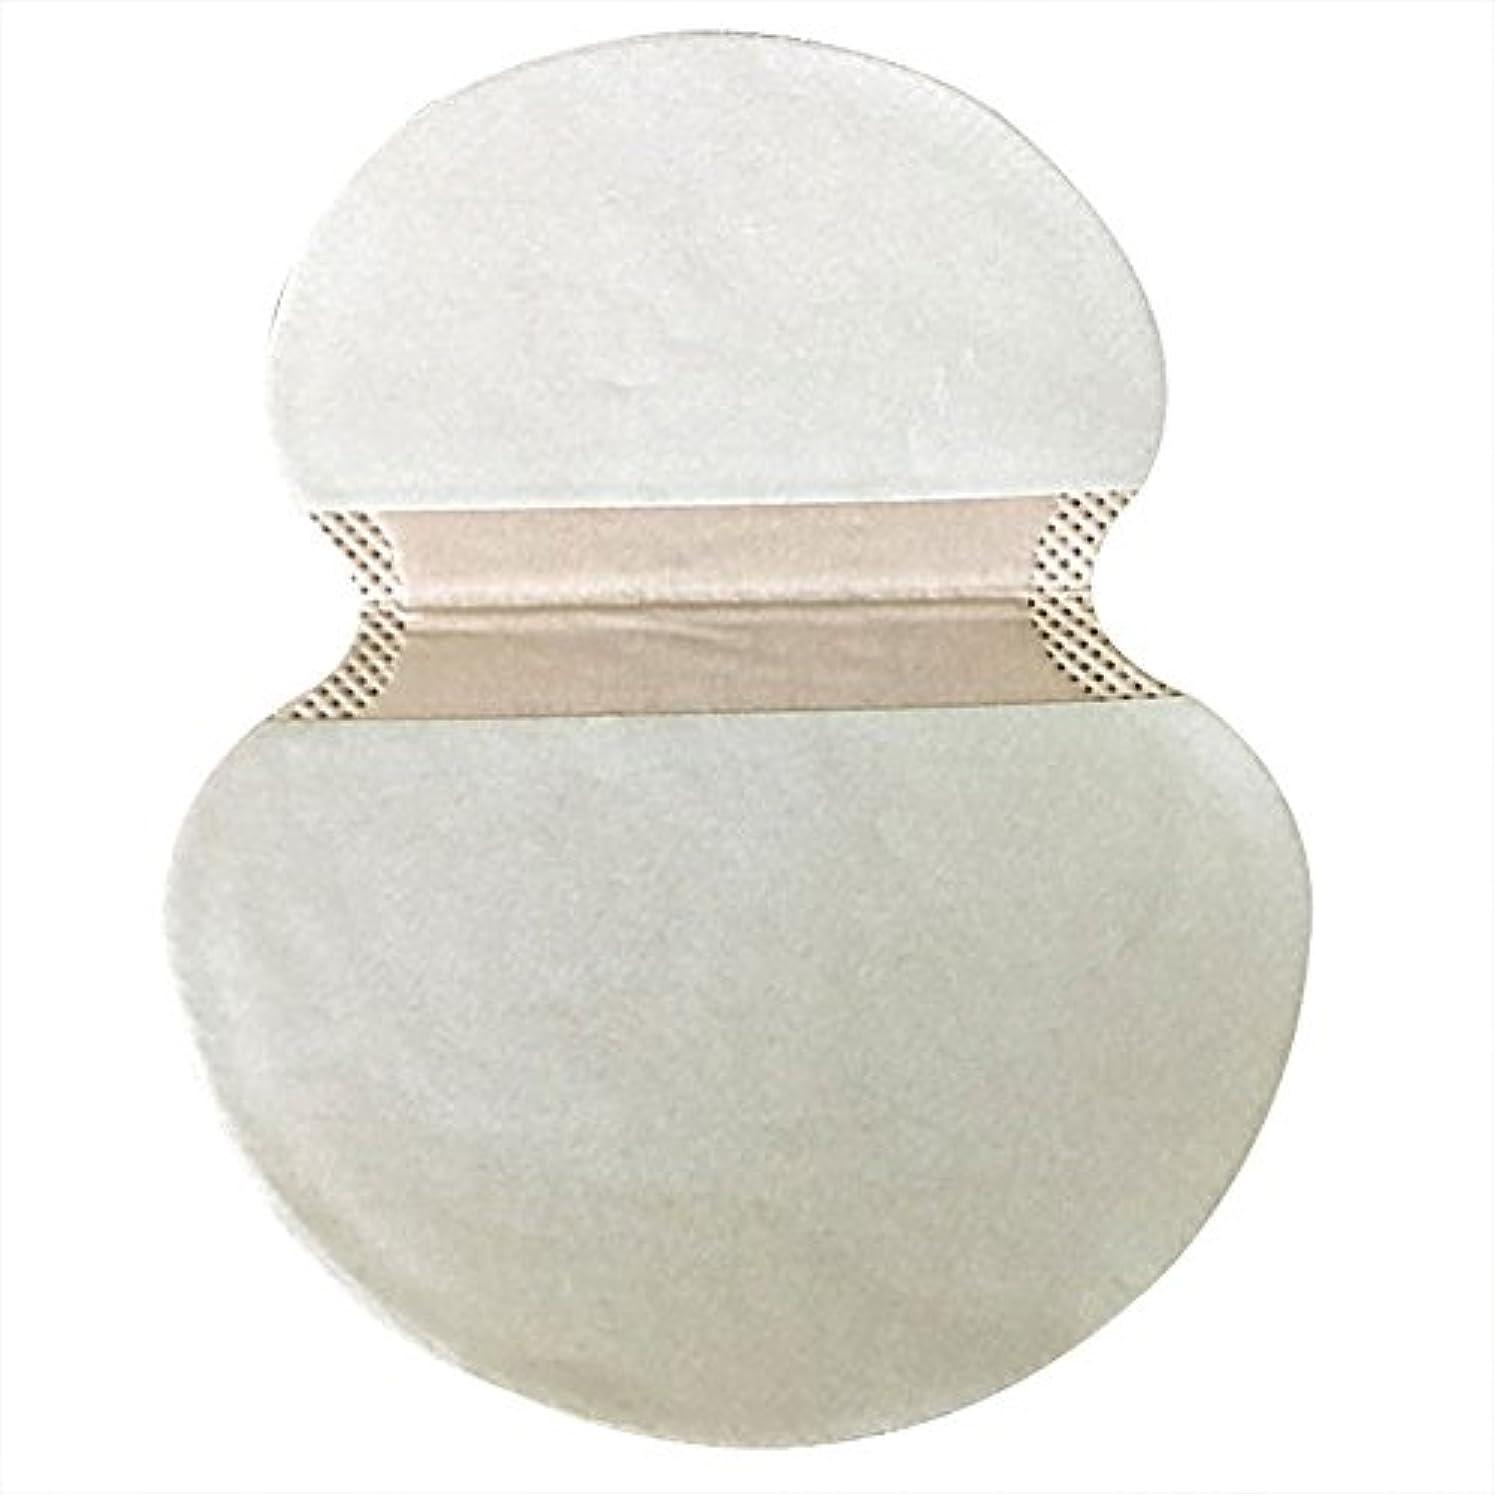 数学的な代わりにクルーズkiirou 汗取りパッド わき汗パット 10枚セット さらさら あせジミ防止 防臭シート 無香料 メンズ レディース 大きめ